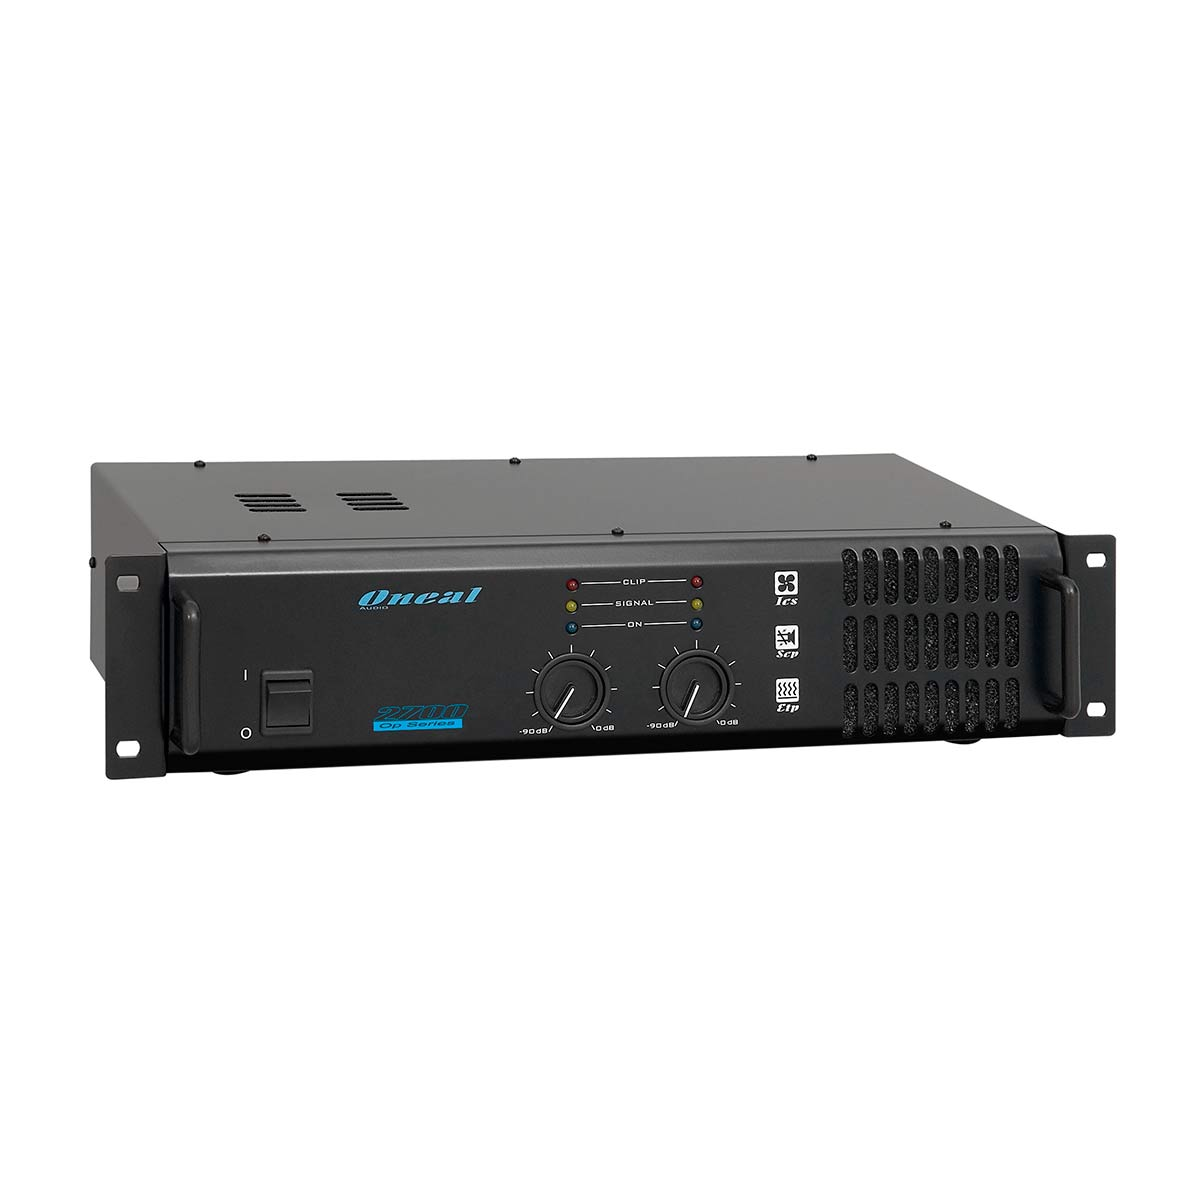 OP2700 - Amplificador Estéreo 2 Canais 250W OP 2700 - Oneal